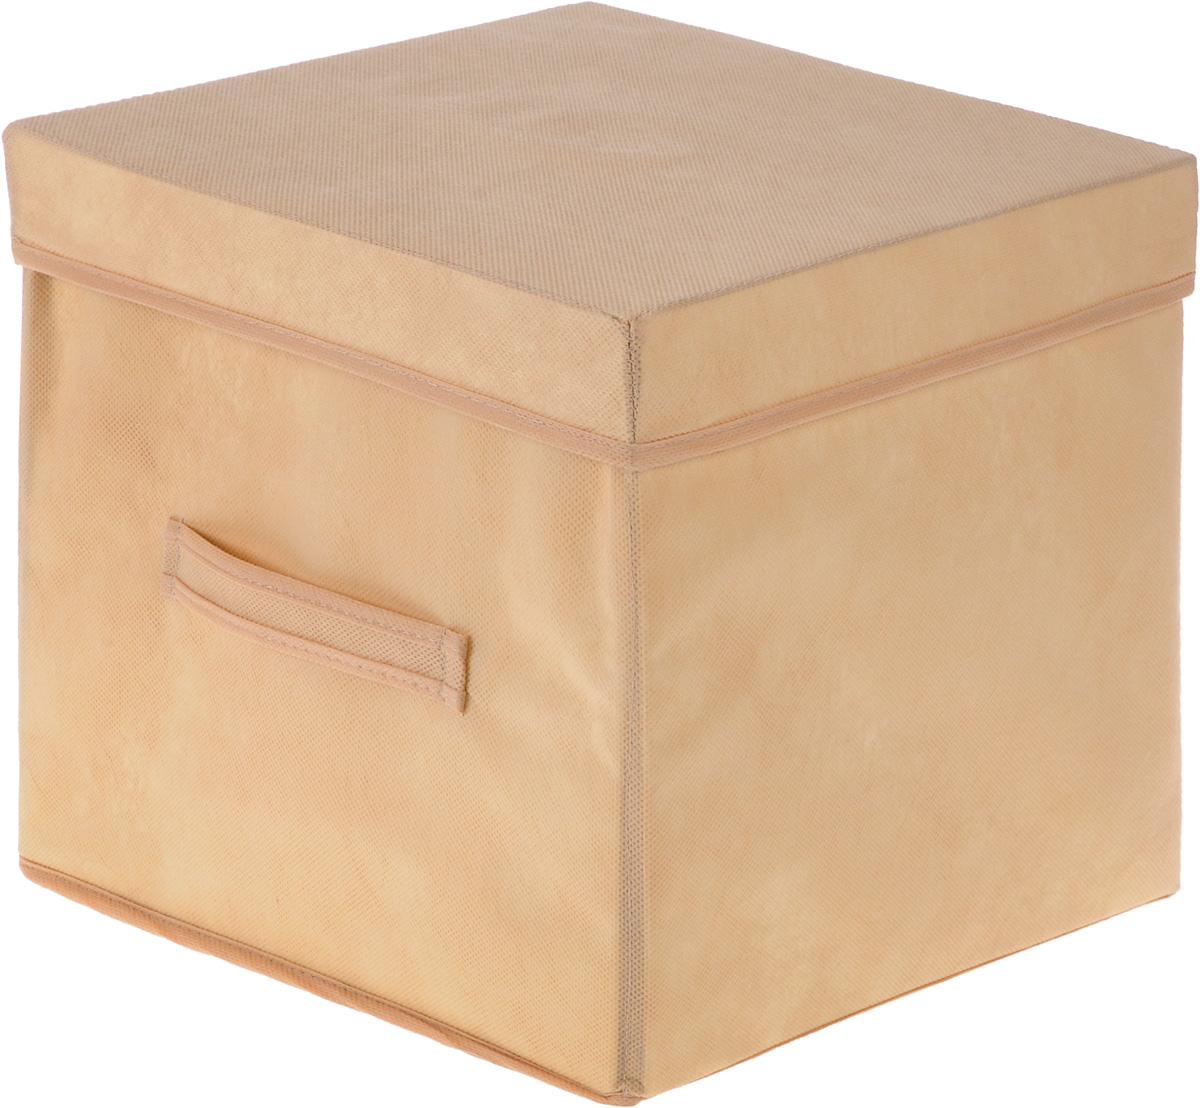 Коробка для вещей Все на местах Париж, с крышкой, цвет: бежевый, 30 х 30 х 30 смCLP446Коробка с крышкой Все на местах Париж выполнена из высококачественного нетканого материала, который обеспечивает естественную вентиляцию и предназначен для хранения вещей или игрушек. Он защитит вещи от повреждений, пыли, влаги и загрязнений во время хранения и транспортировки. Размер коробки: 30 х 30 х 30 см.